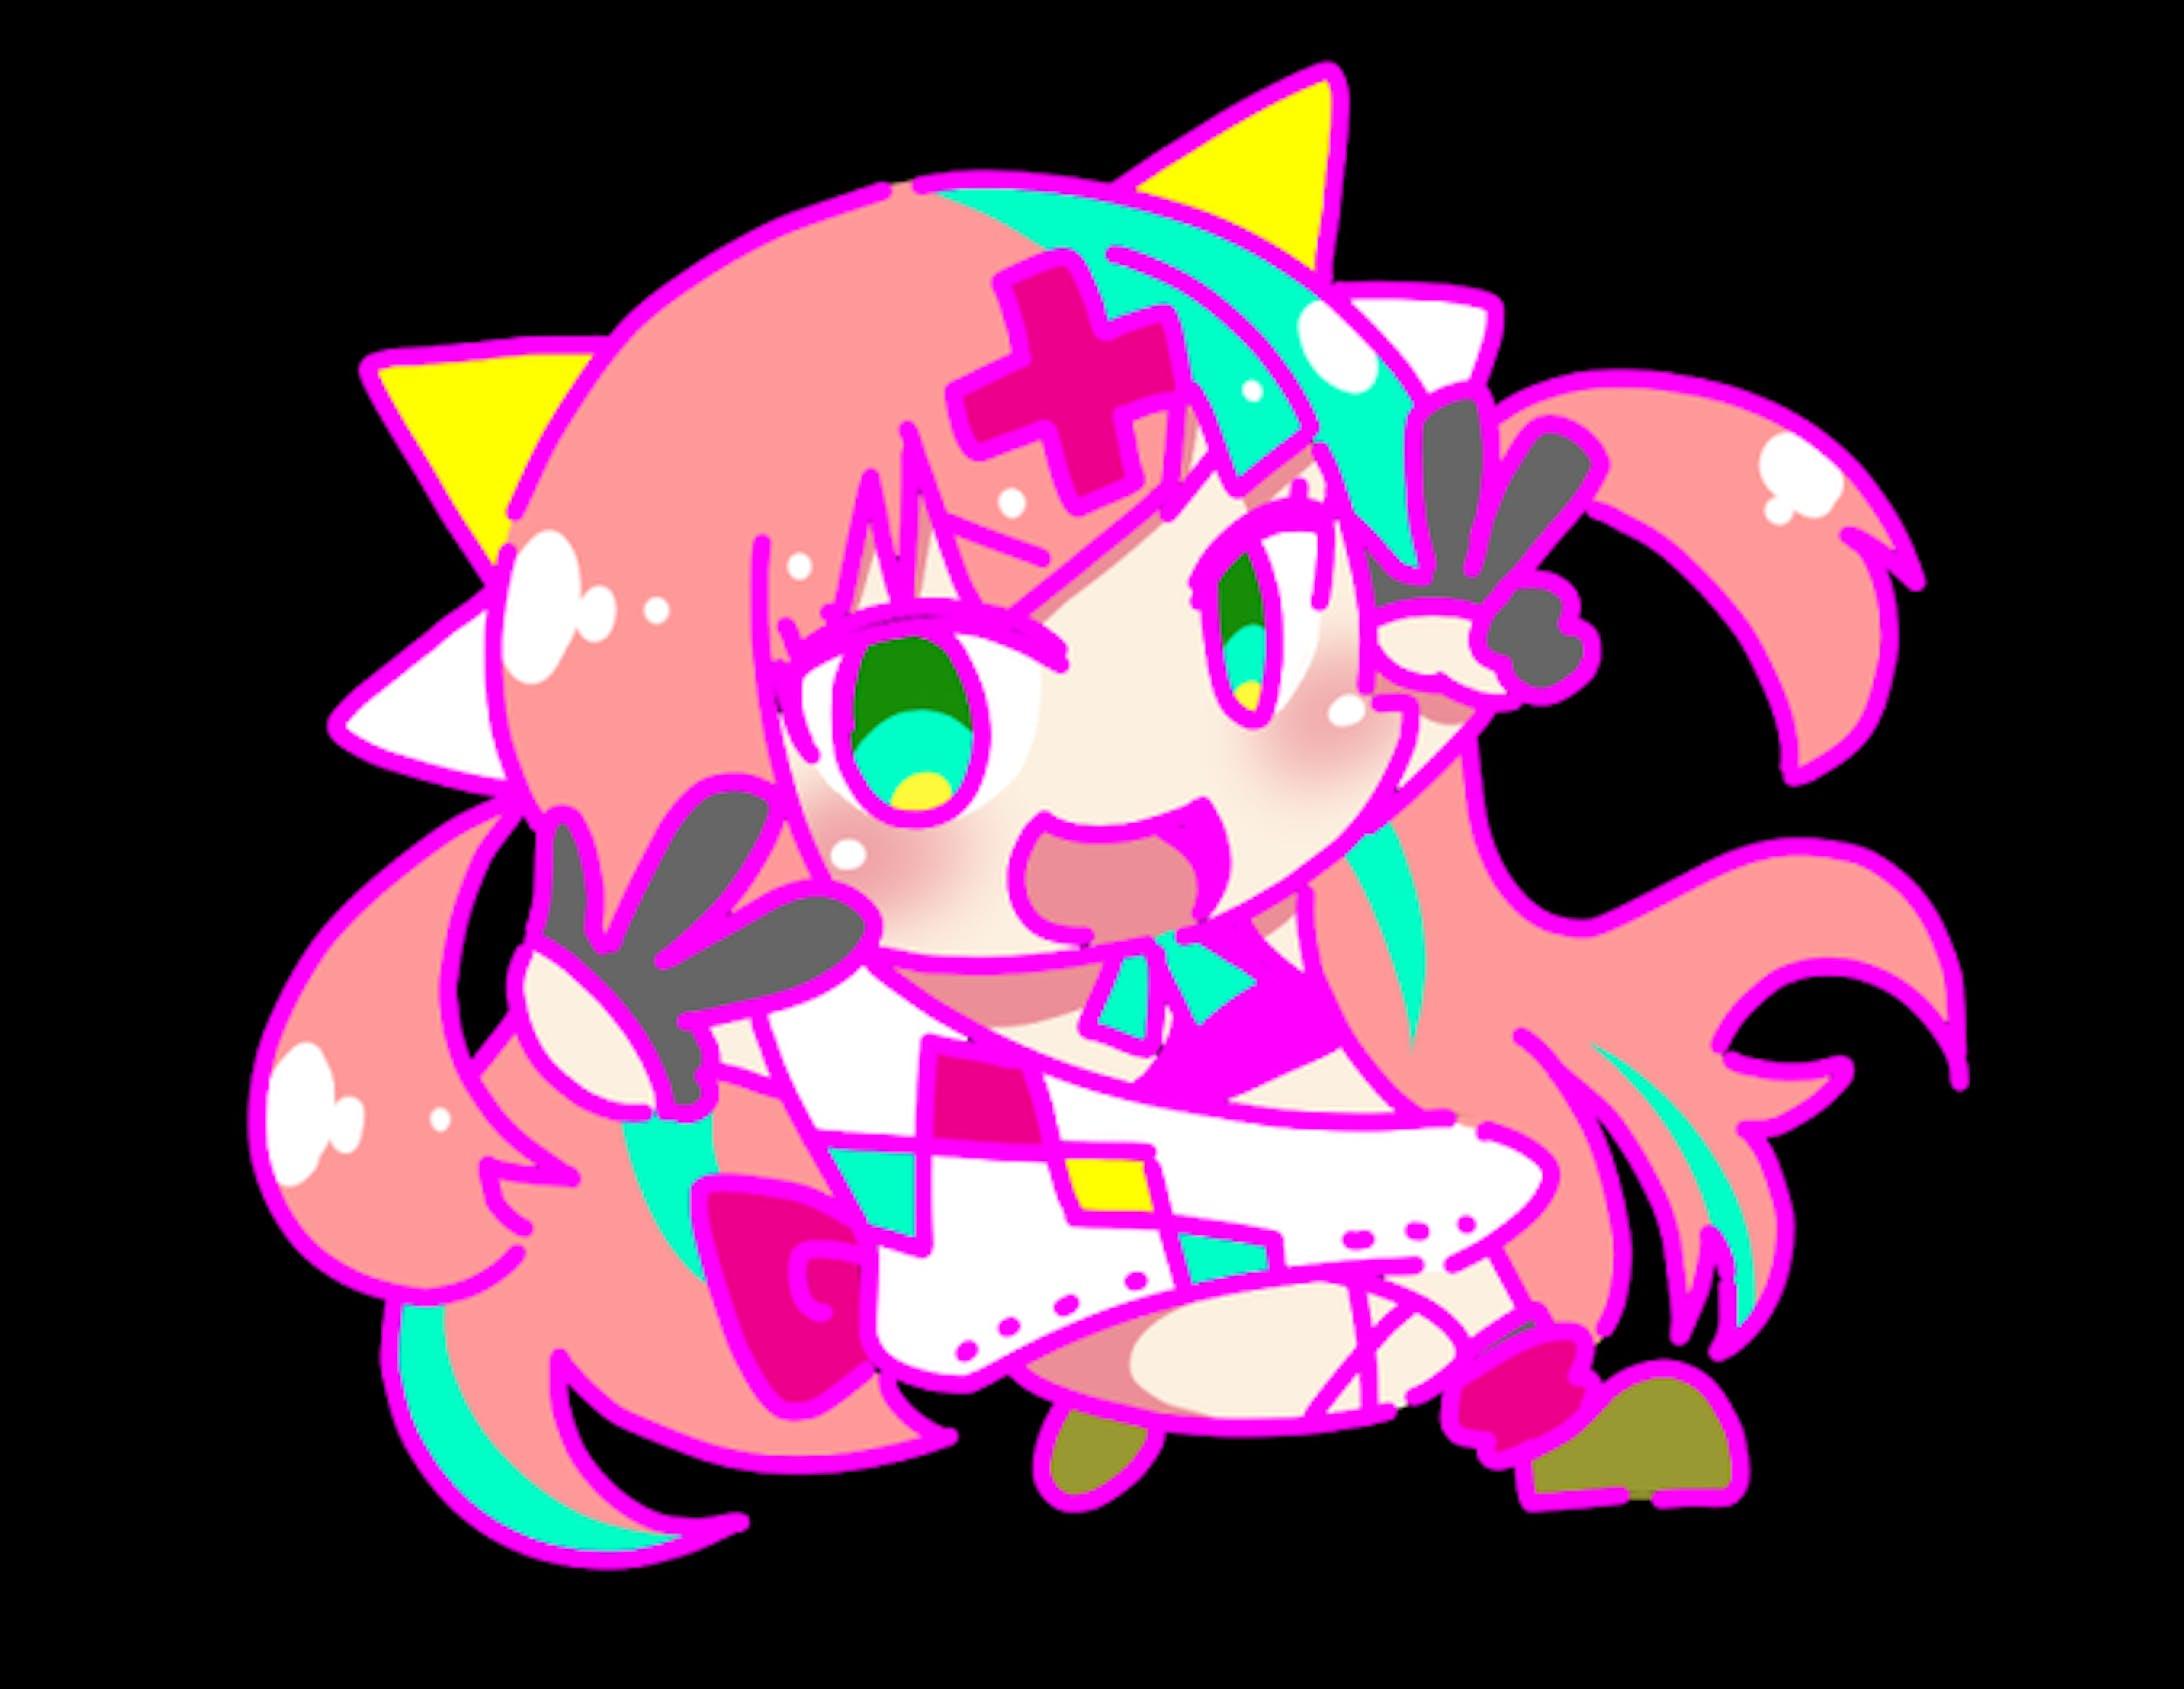 Vtuber さんらくがき-2019.05-08-15